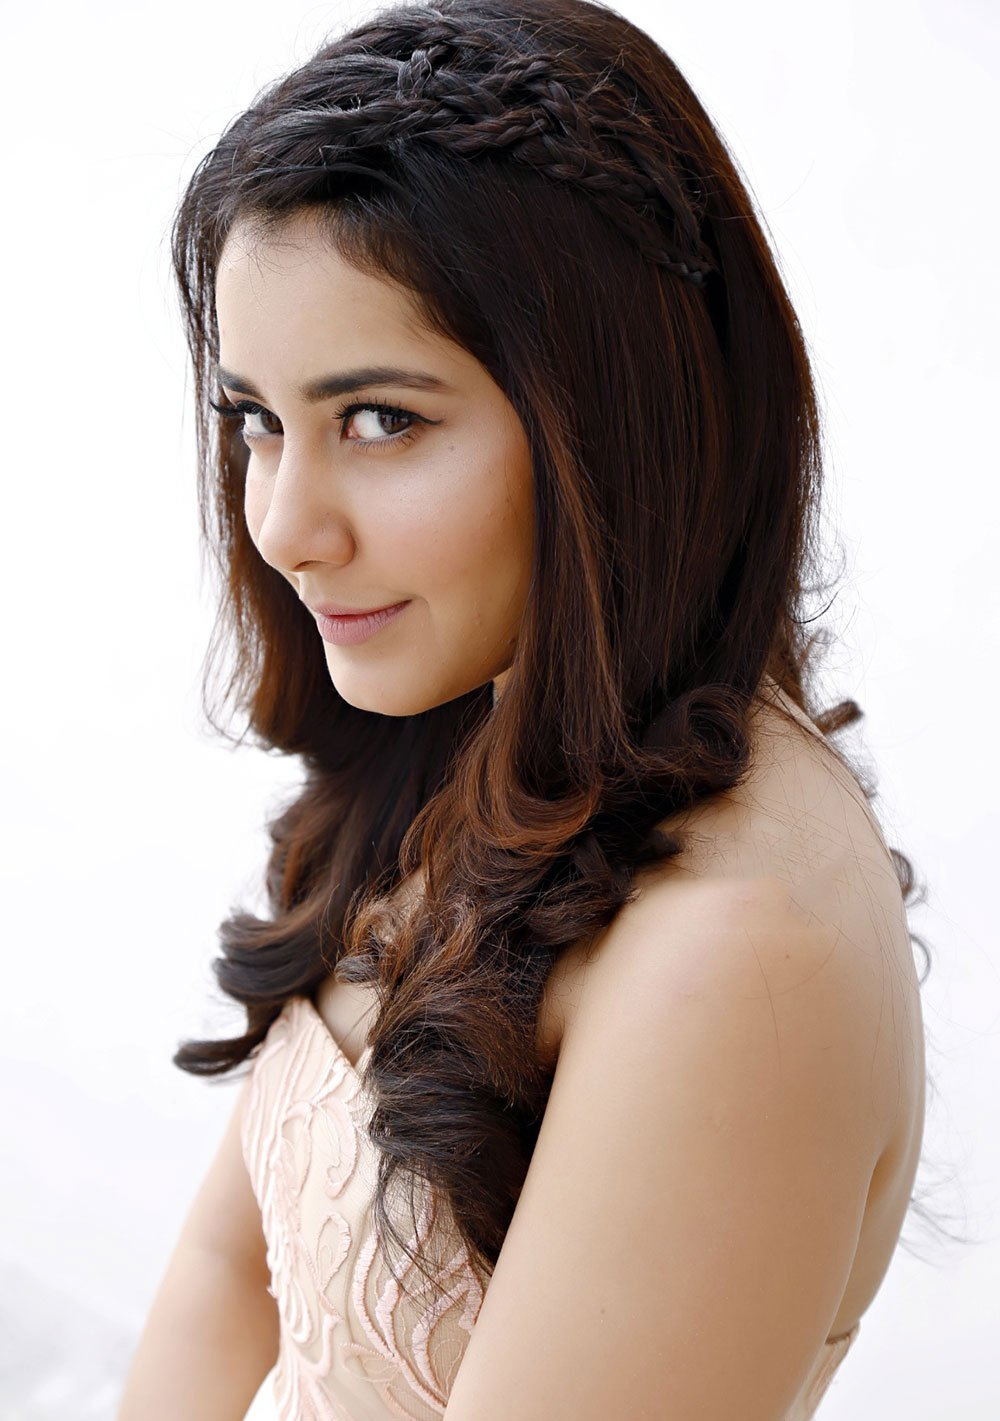 Actress Rashi Khanna Long Hair Closeup Face Stills